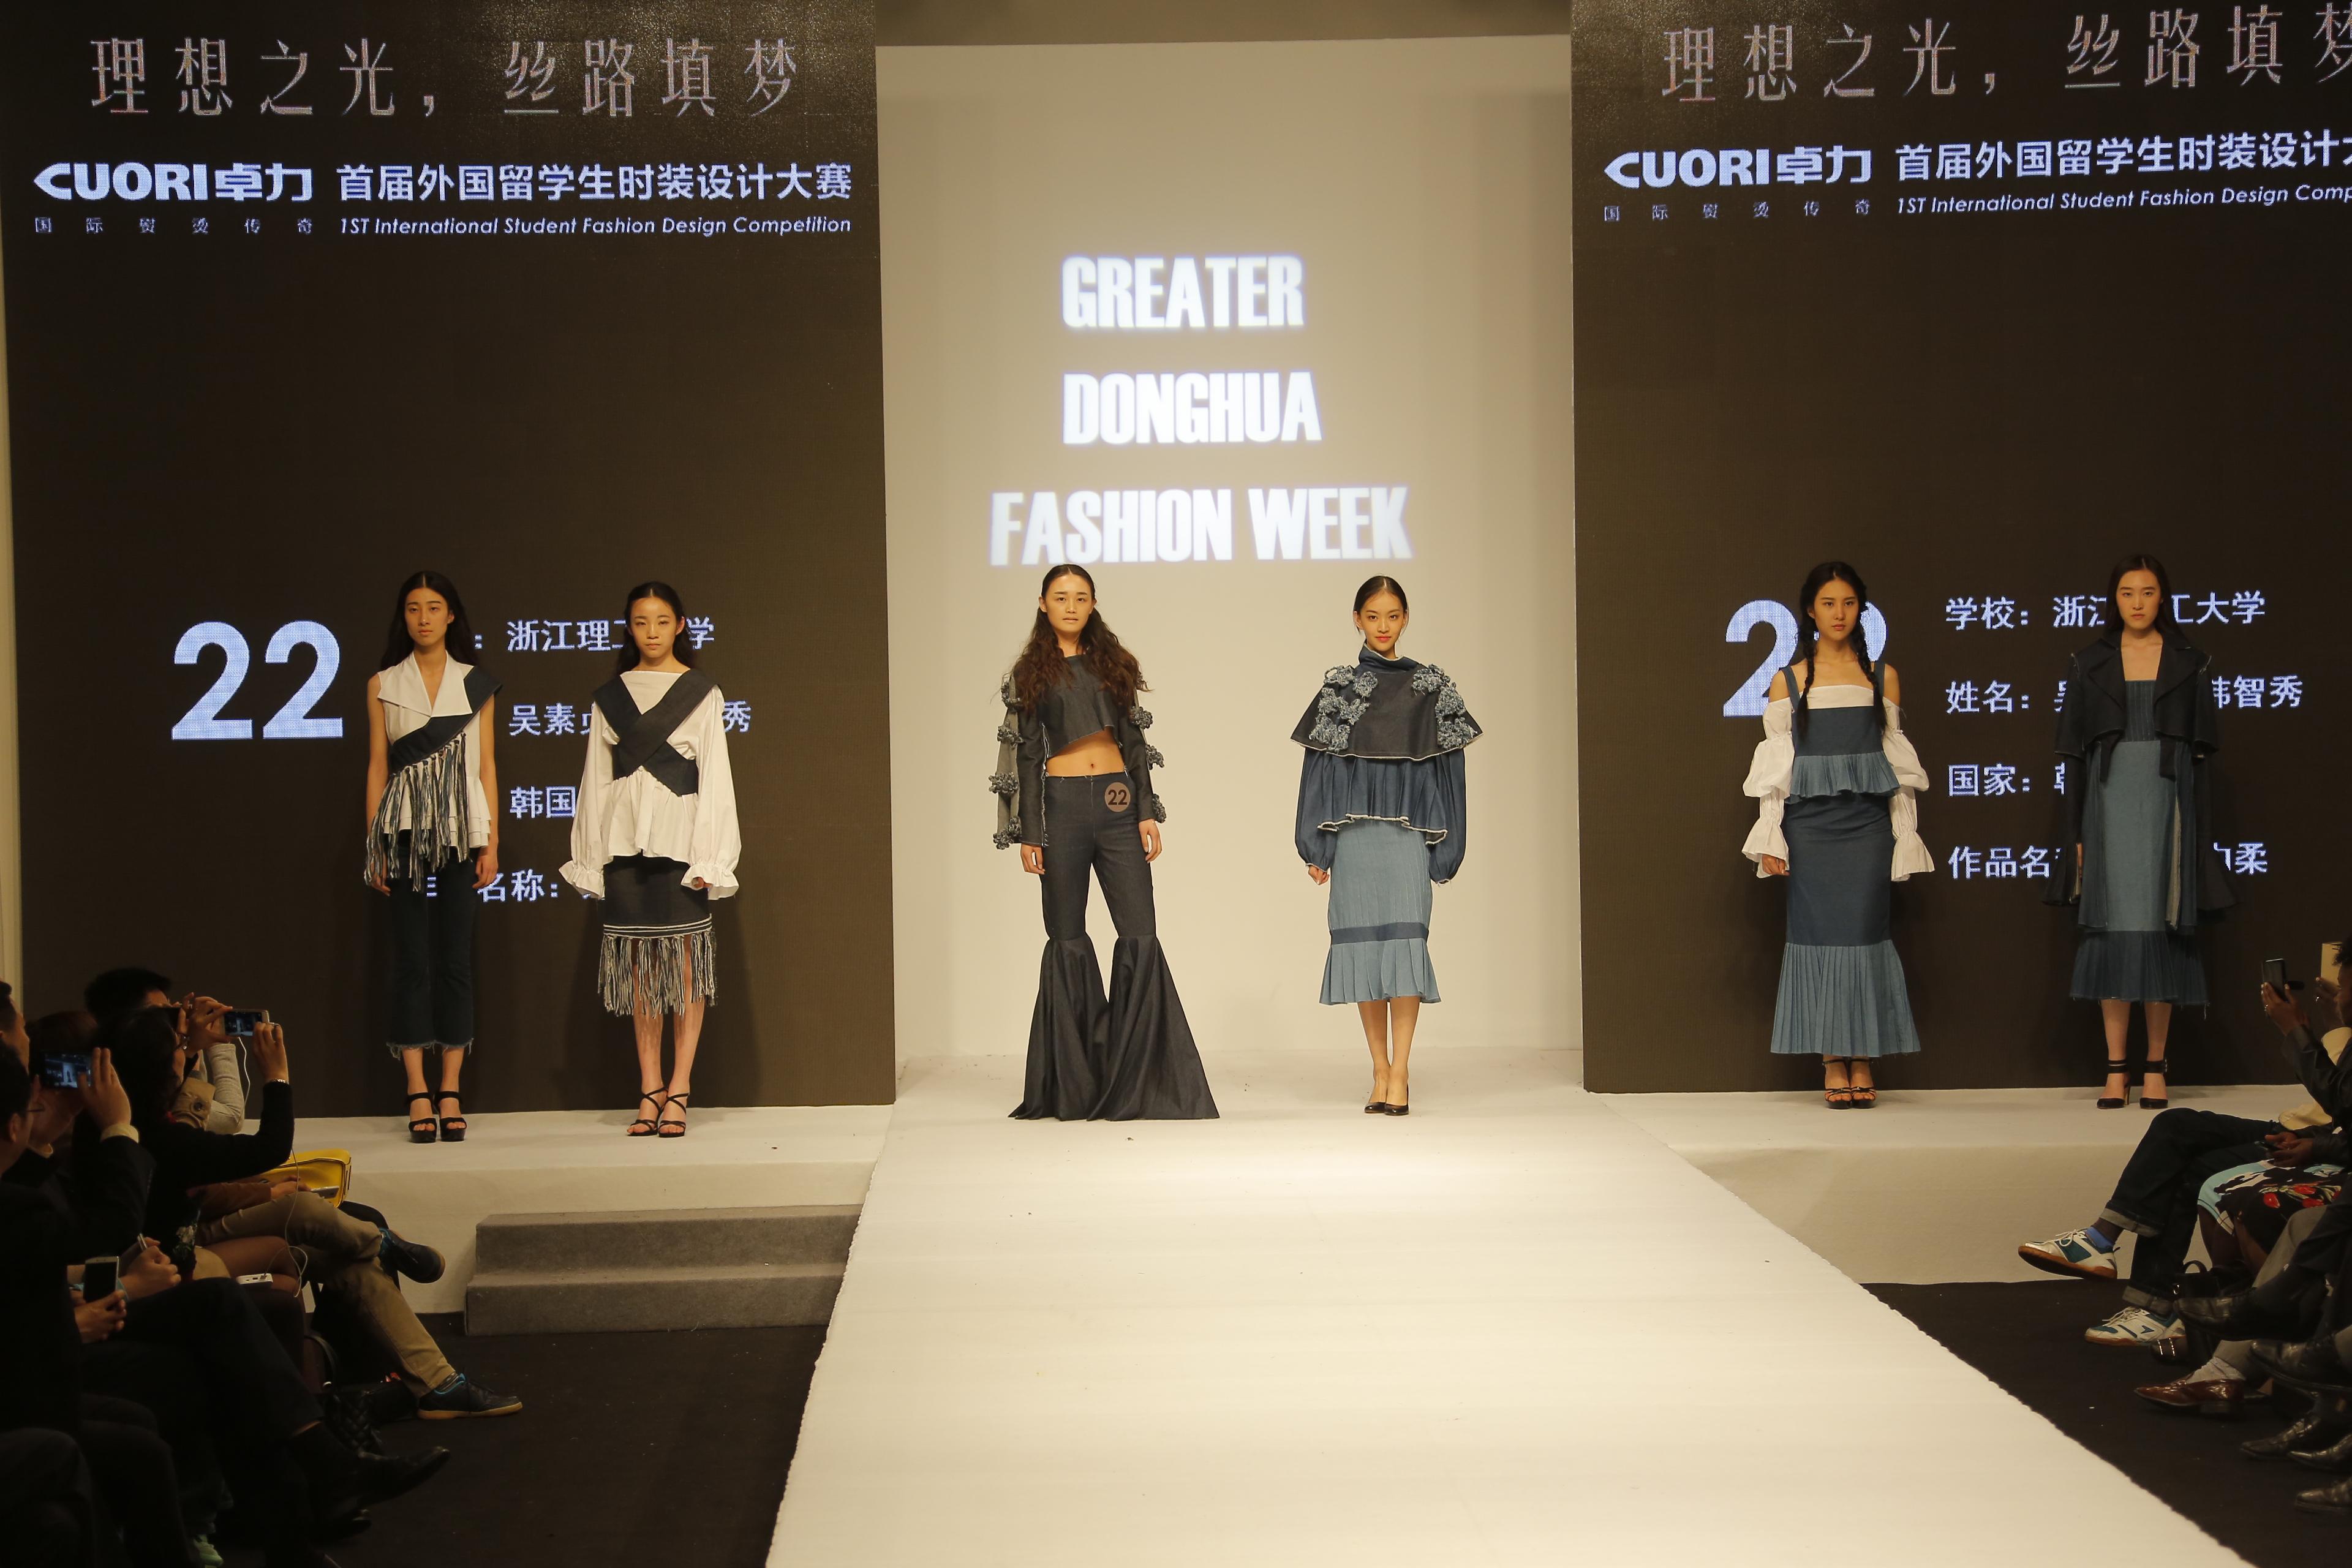 参赛的设计师是来自26个国家来华留学的外国学生,服装展示表演的也是